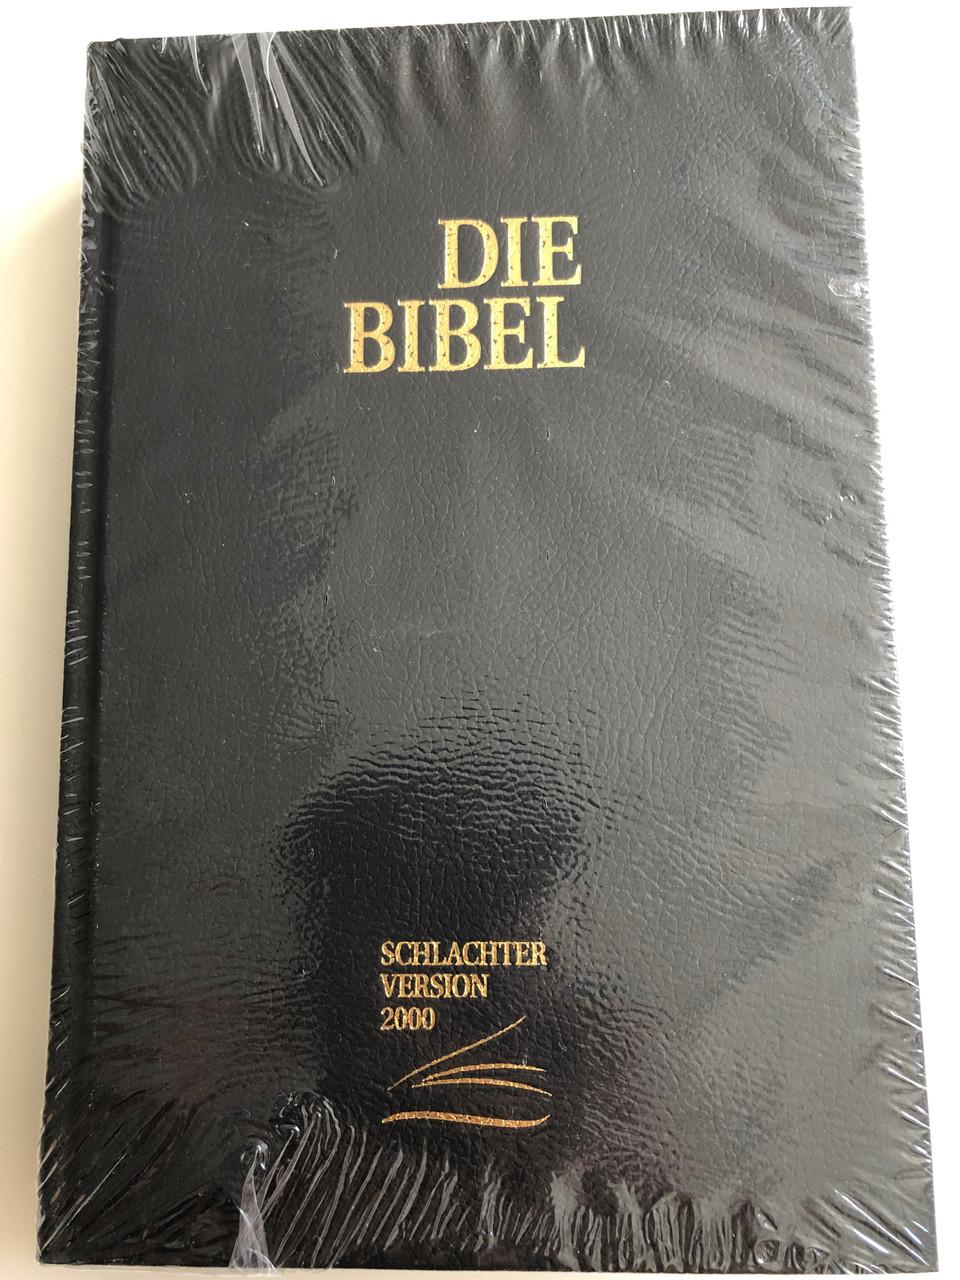 German Bible Die Bibel Clv Schlachter Version 2000 Mit Parallelstellen Und Studienhilfen Schwarz Hardcover Black Parallel Passages On Margins Color Maps Study Aid Bibleinmylanguage